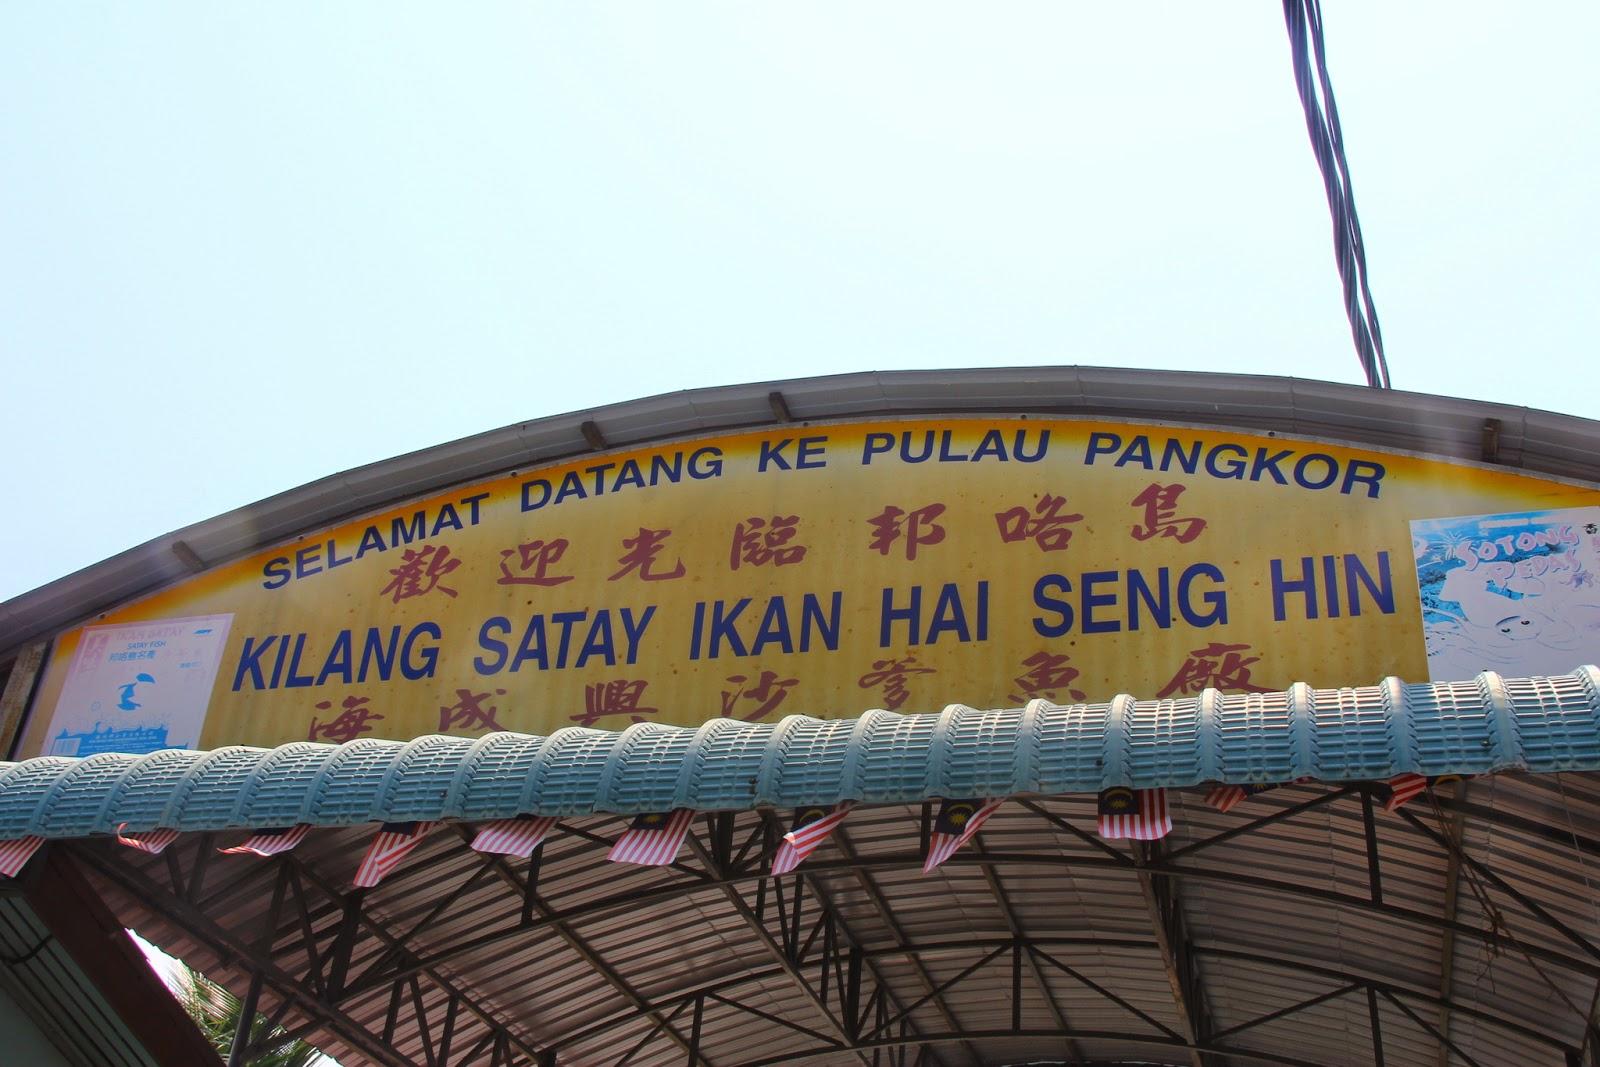 Kilang Satay Ikan Hai Seng Hi